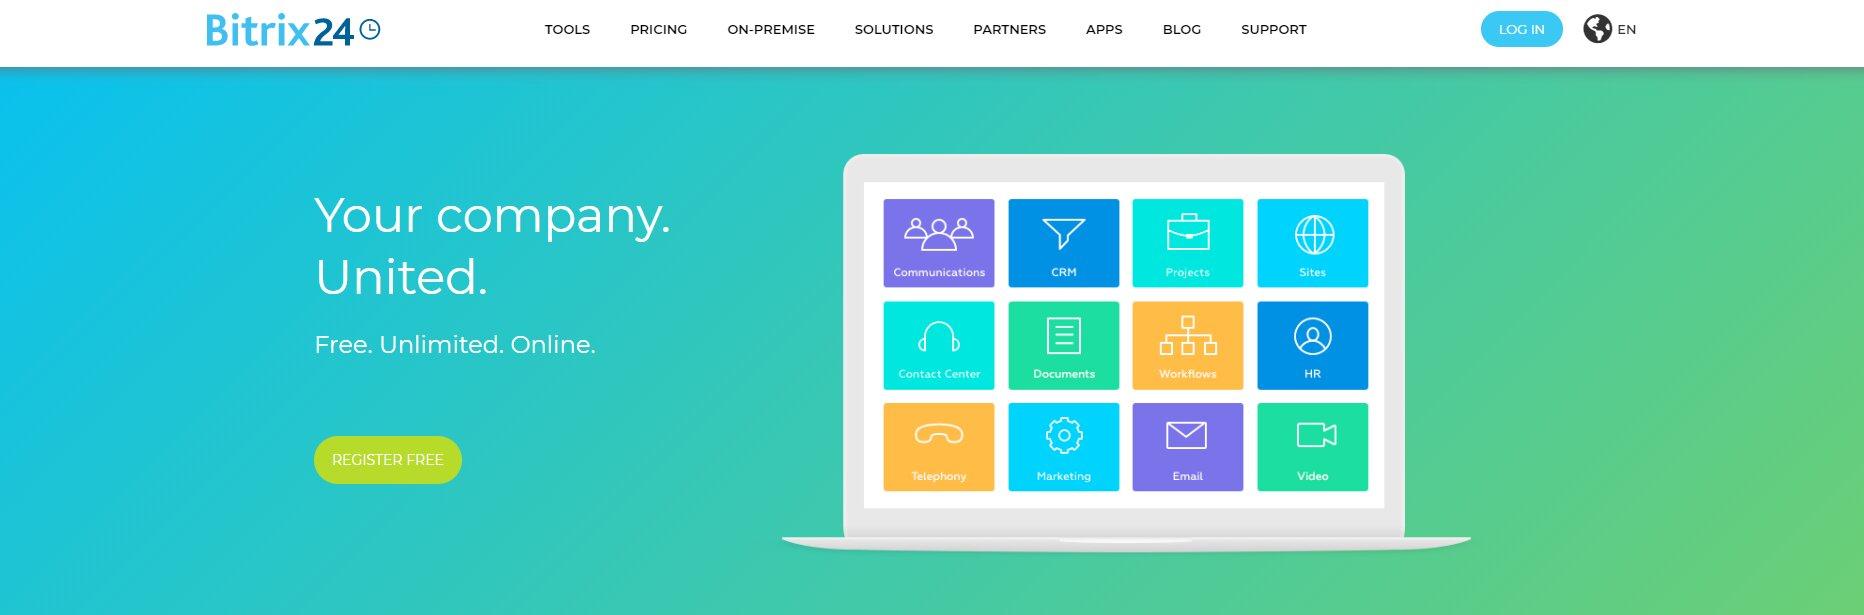 bitrix sales crm tool